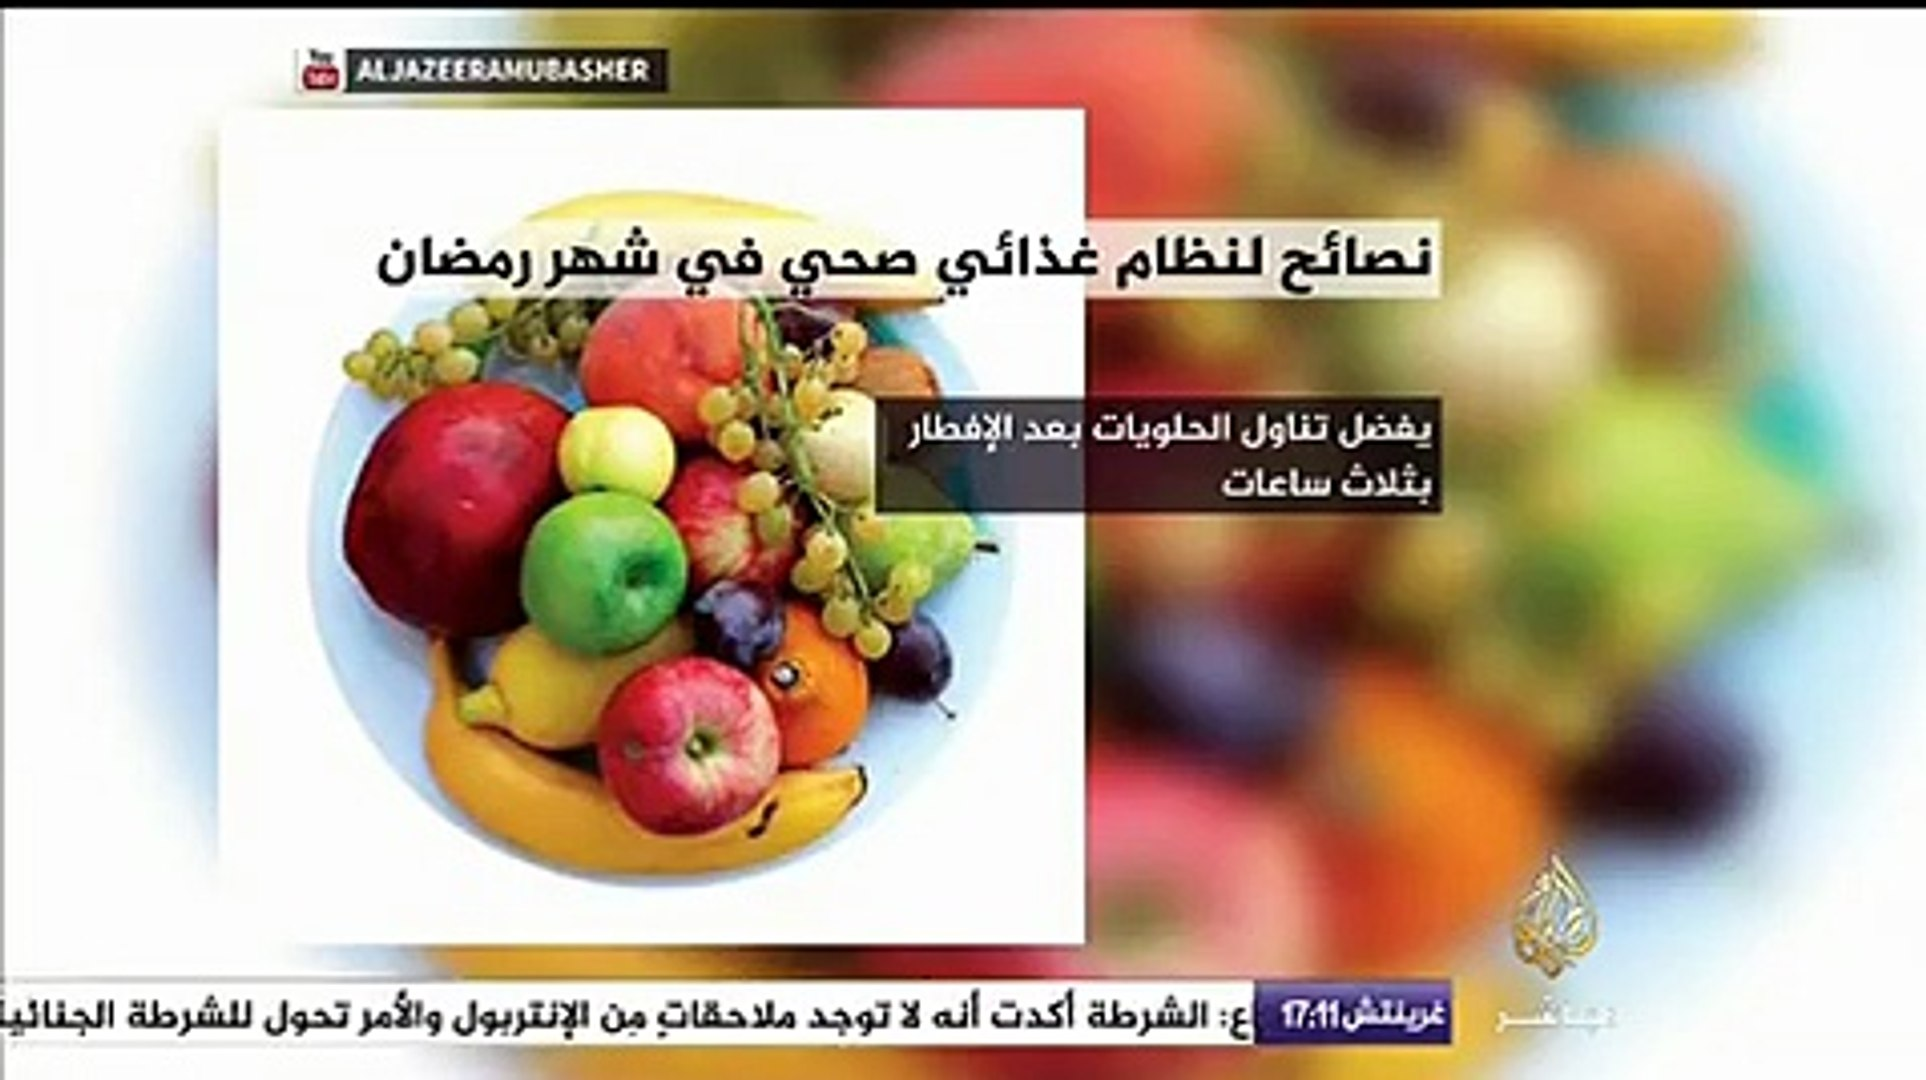 نصائح لنظام غذائي صحي في شهر رمضان